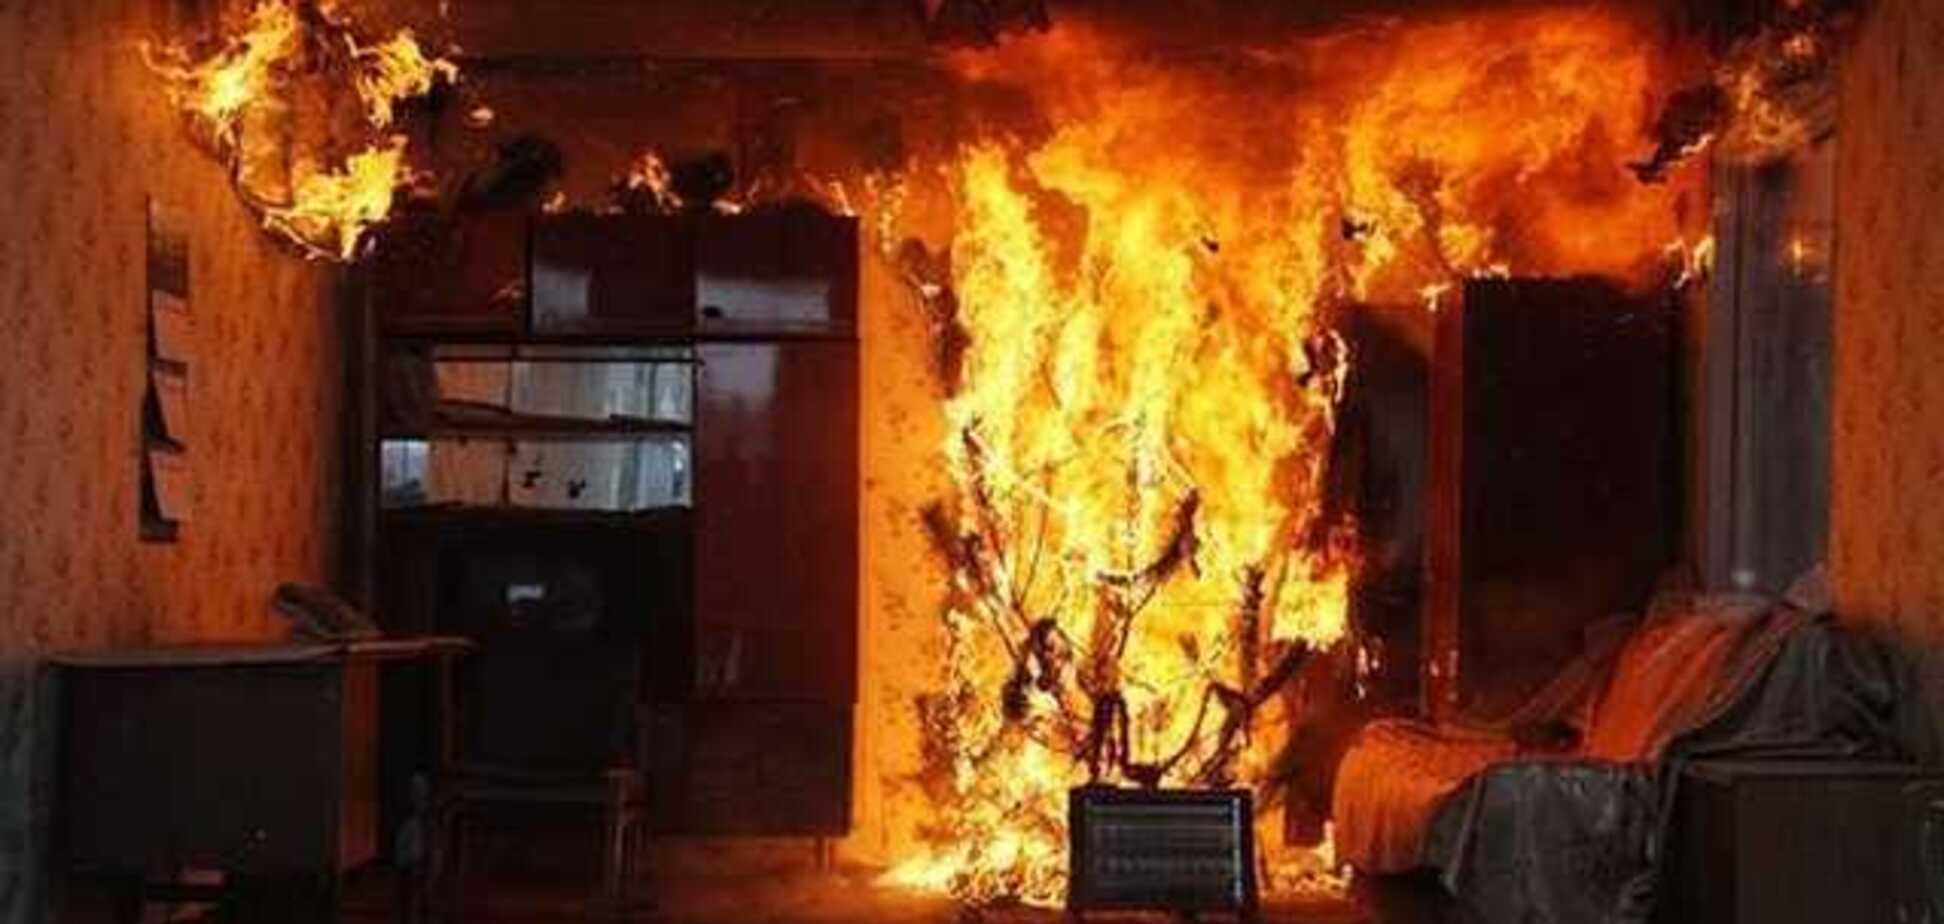 Ребенок сгорел заживо: на Черкасщине в новогоднюю ночь произошла трагедия